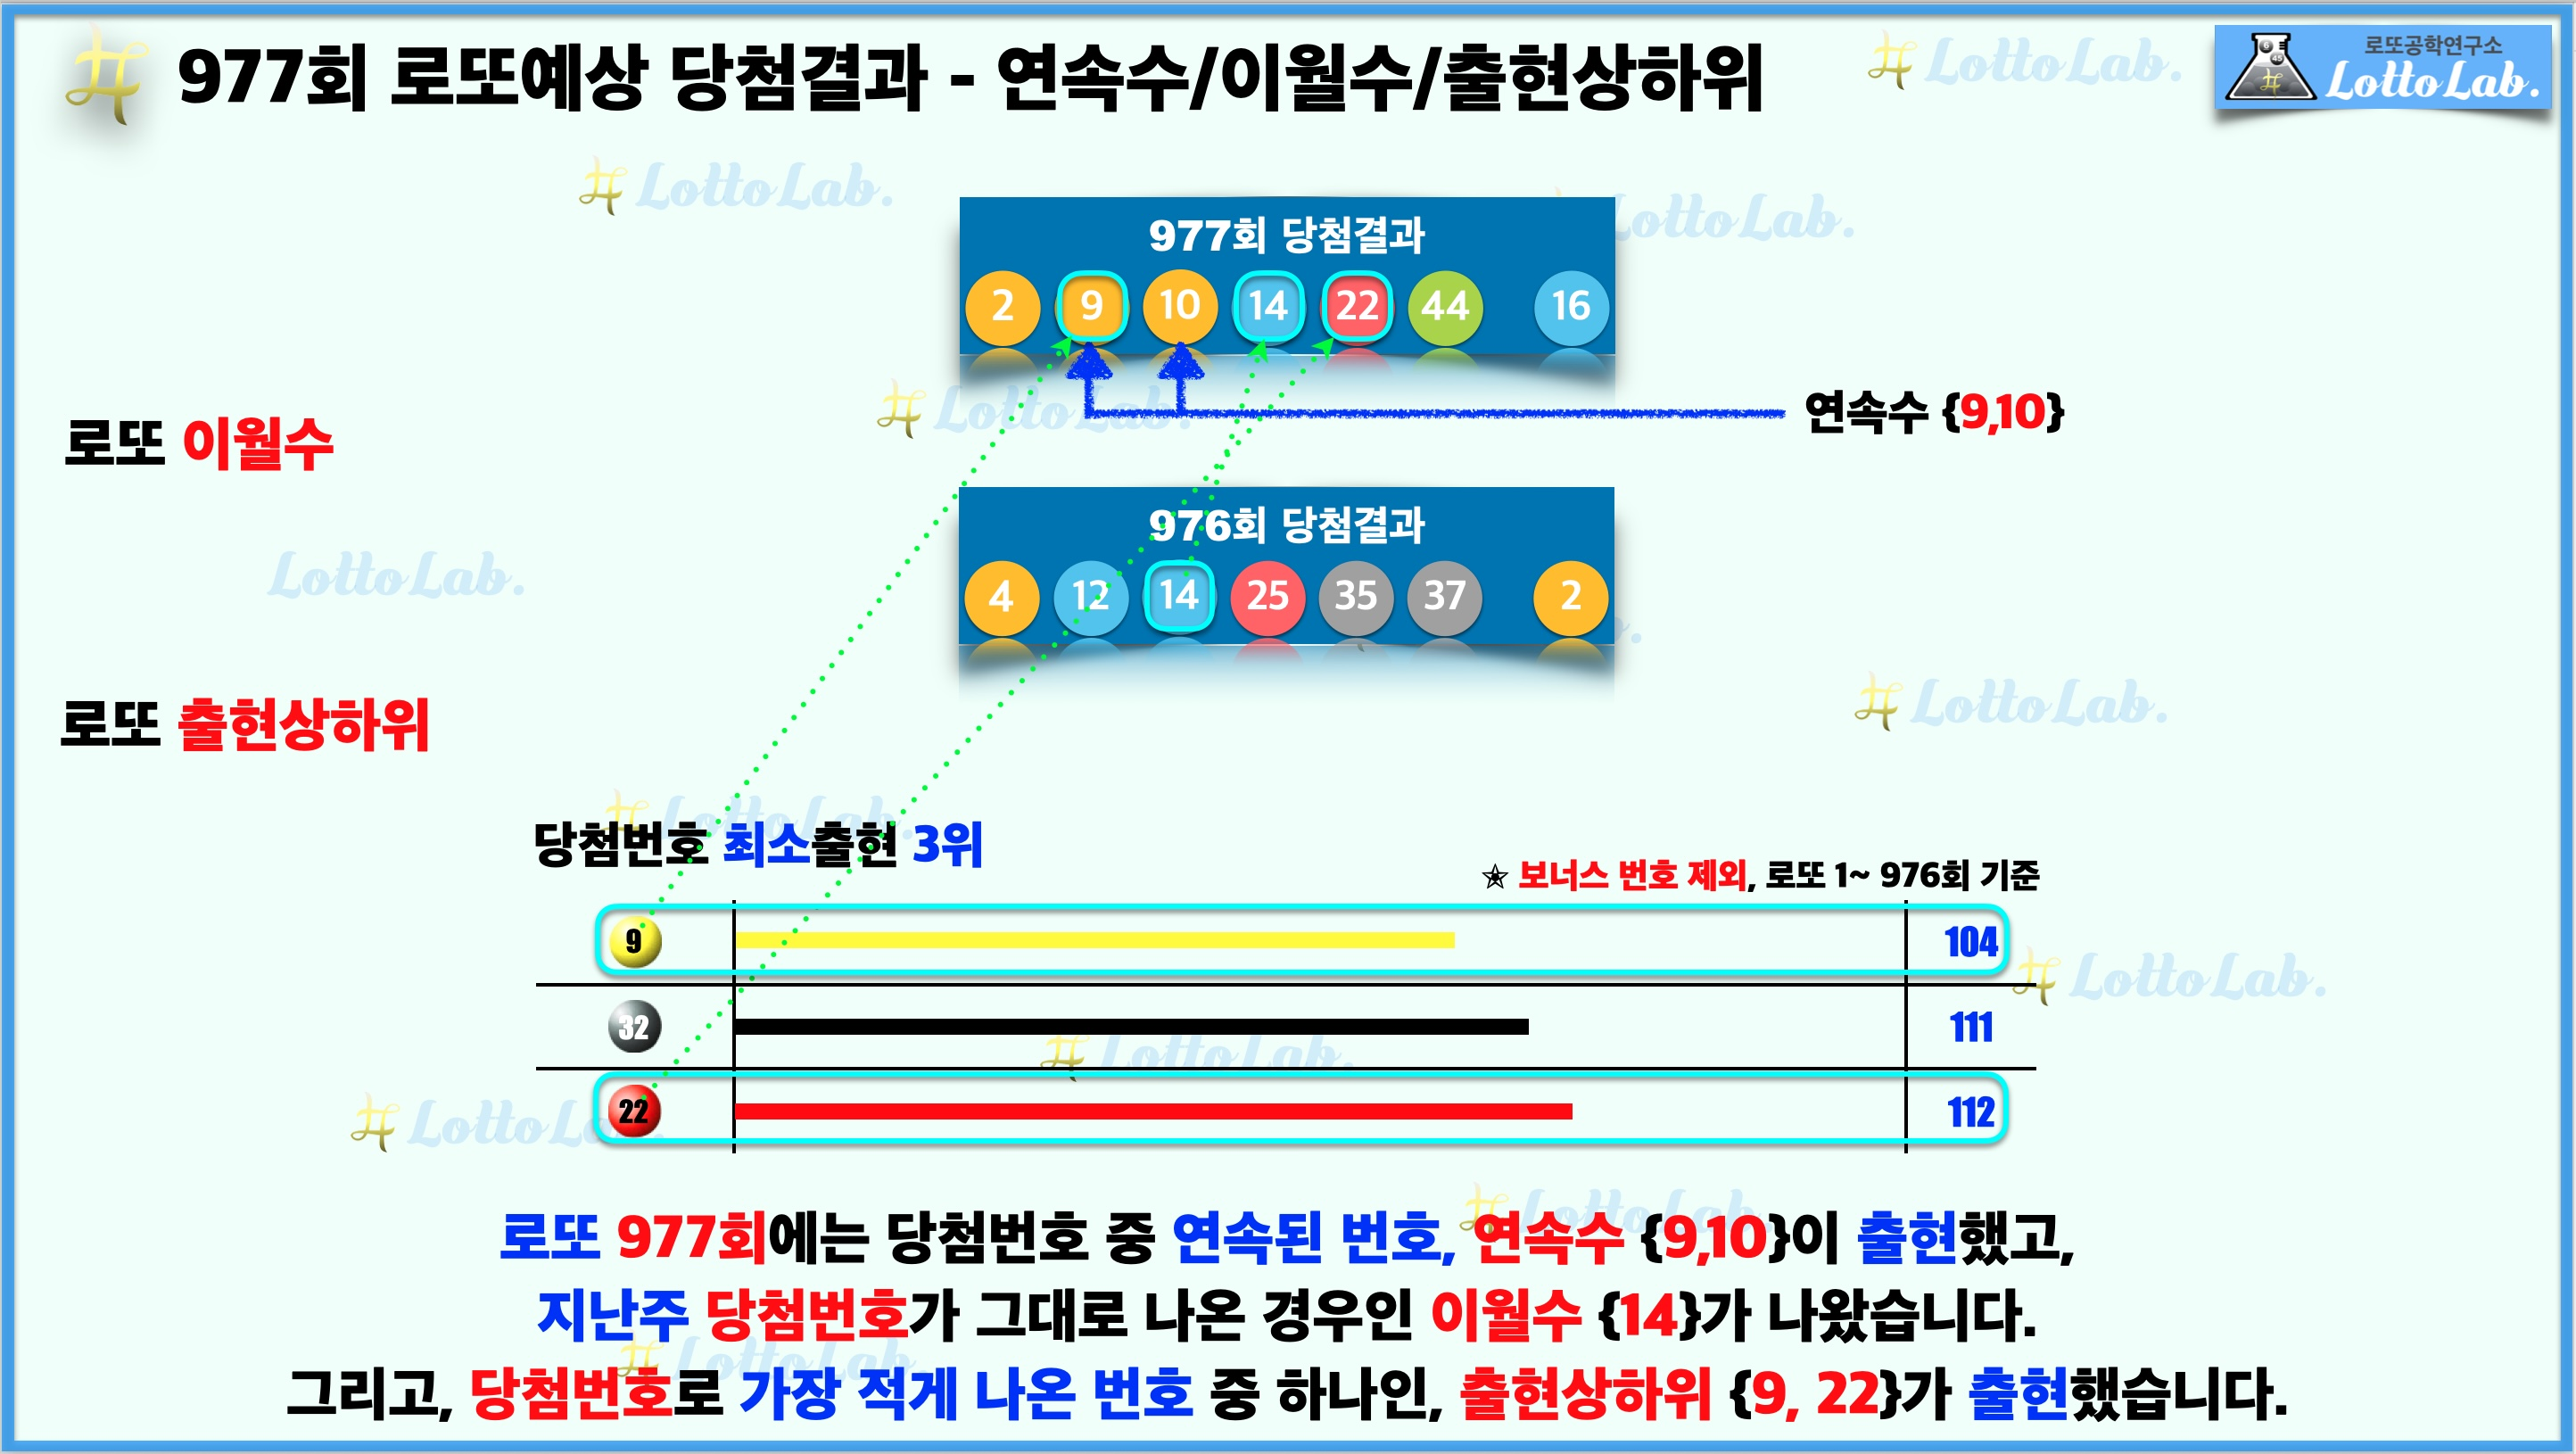 로또랩 로또977 예상결과 - 연속수 이월수 출현상하위